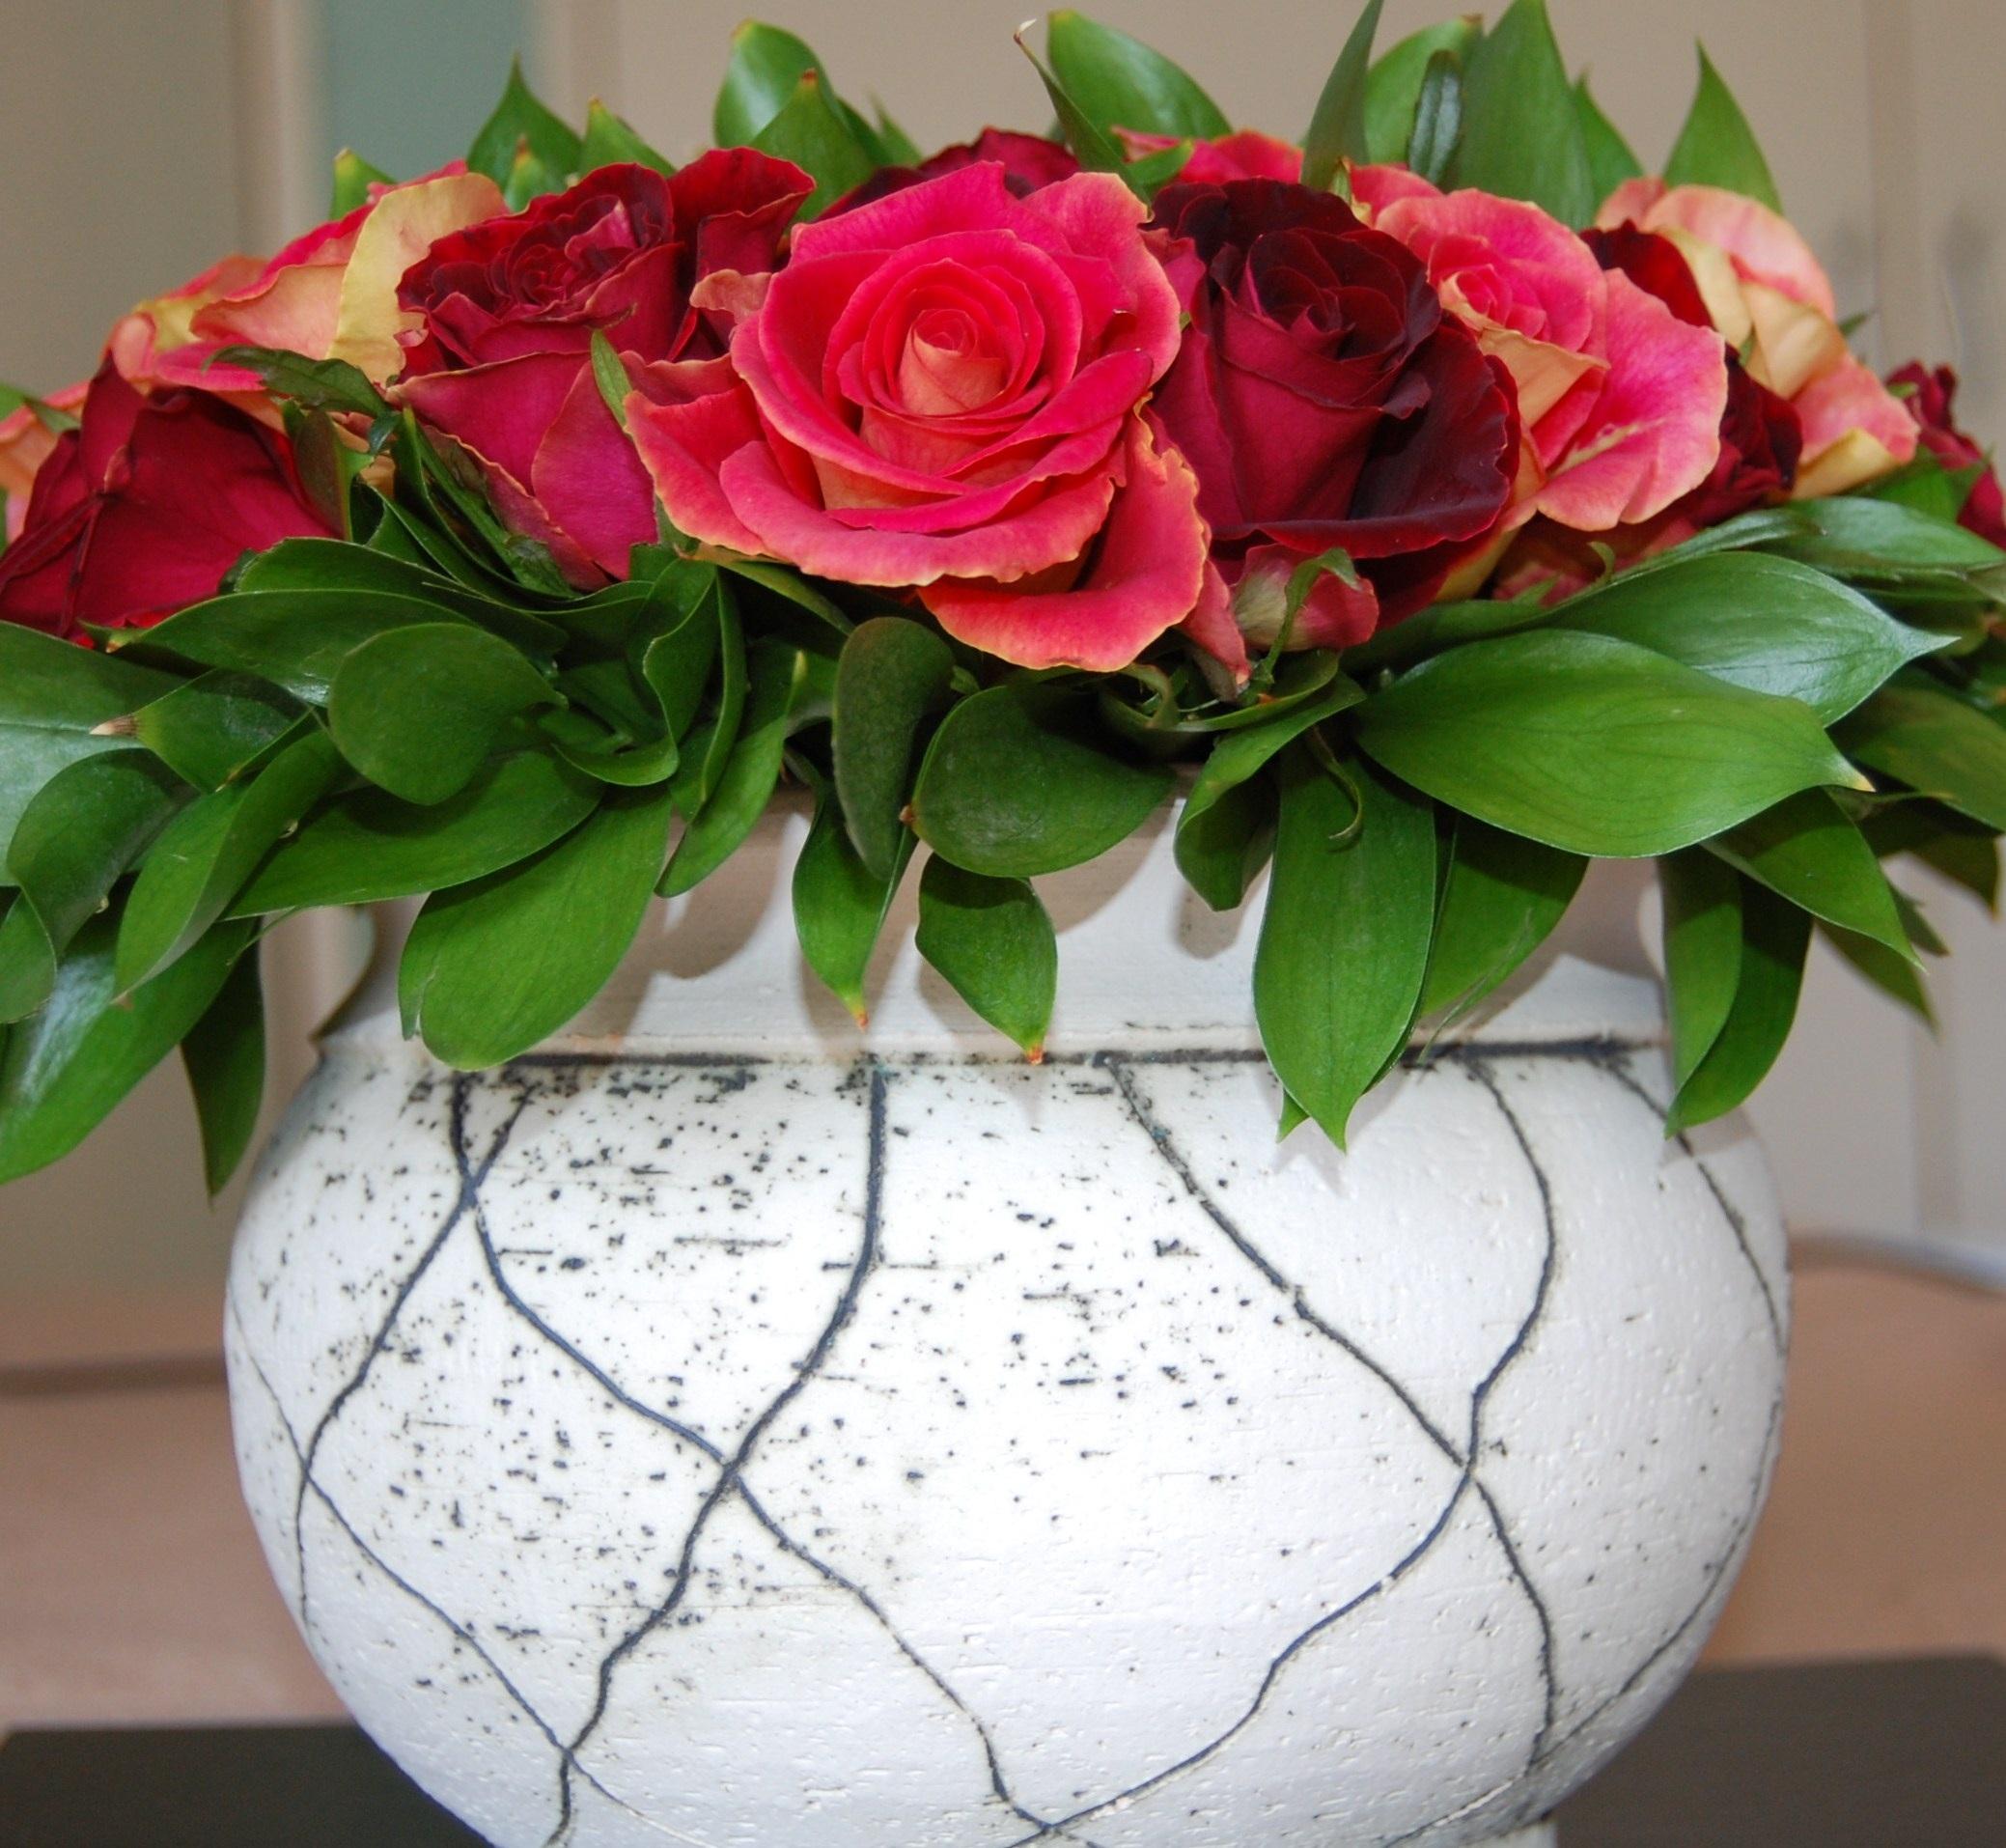 Afskårne Roser gratis billeder : blomst, vase, romantik, roser, kunst, blomstrende